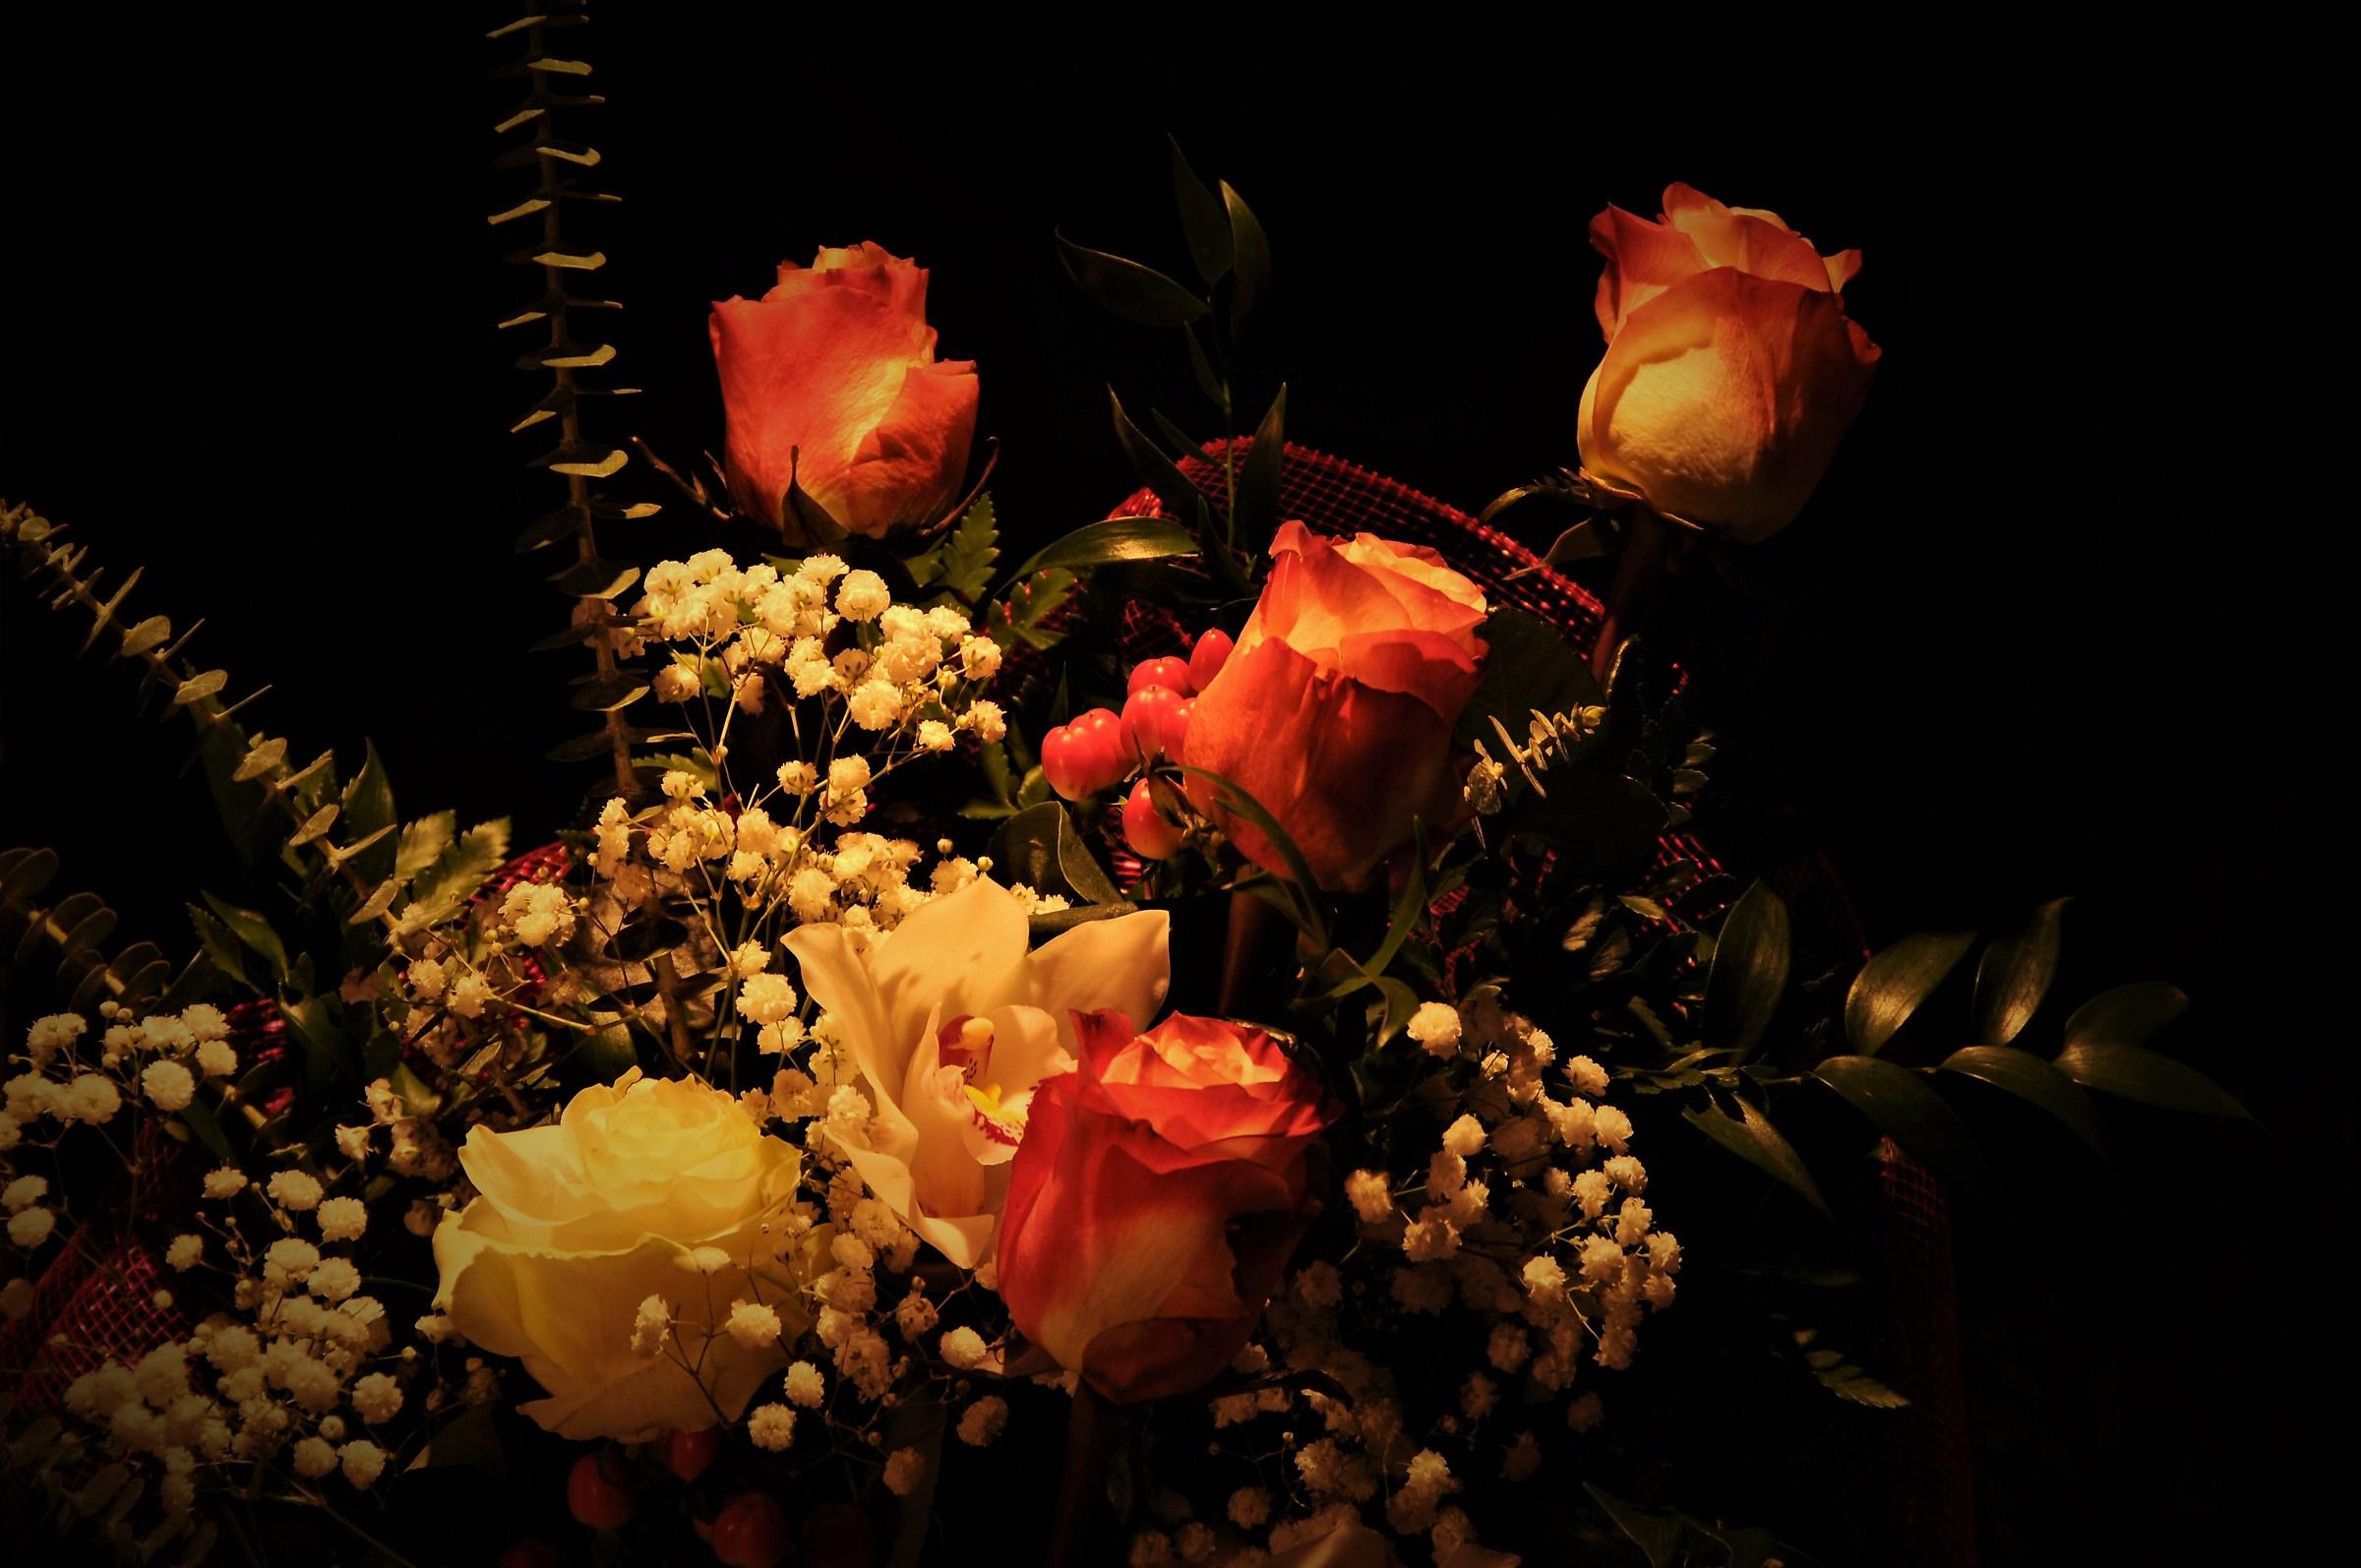 4 roses plus a...